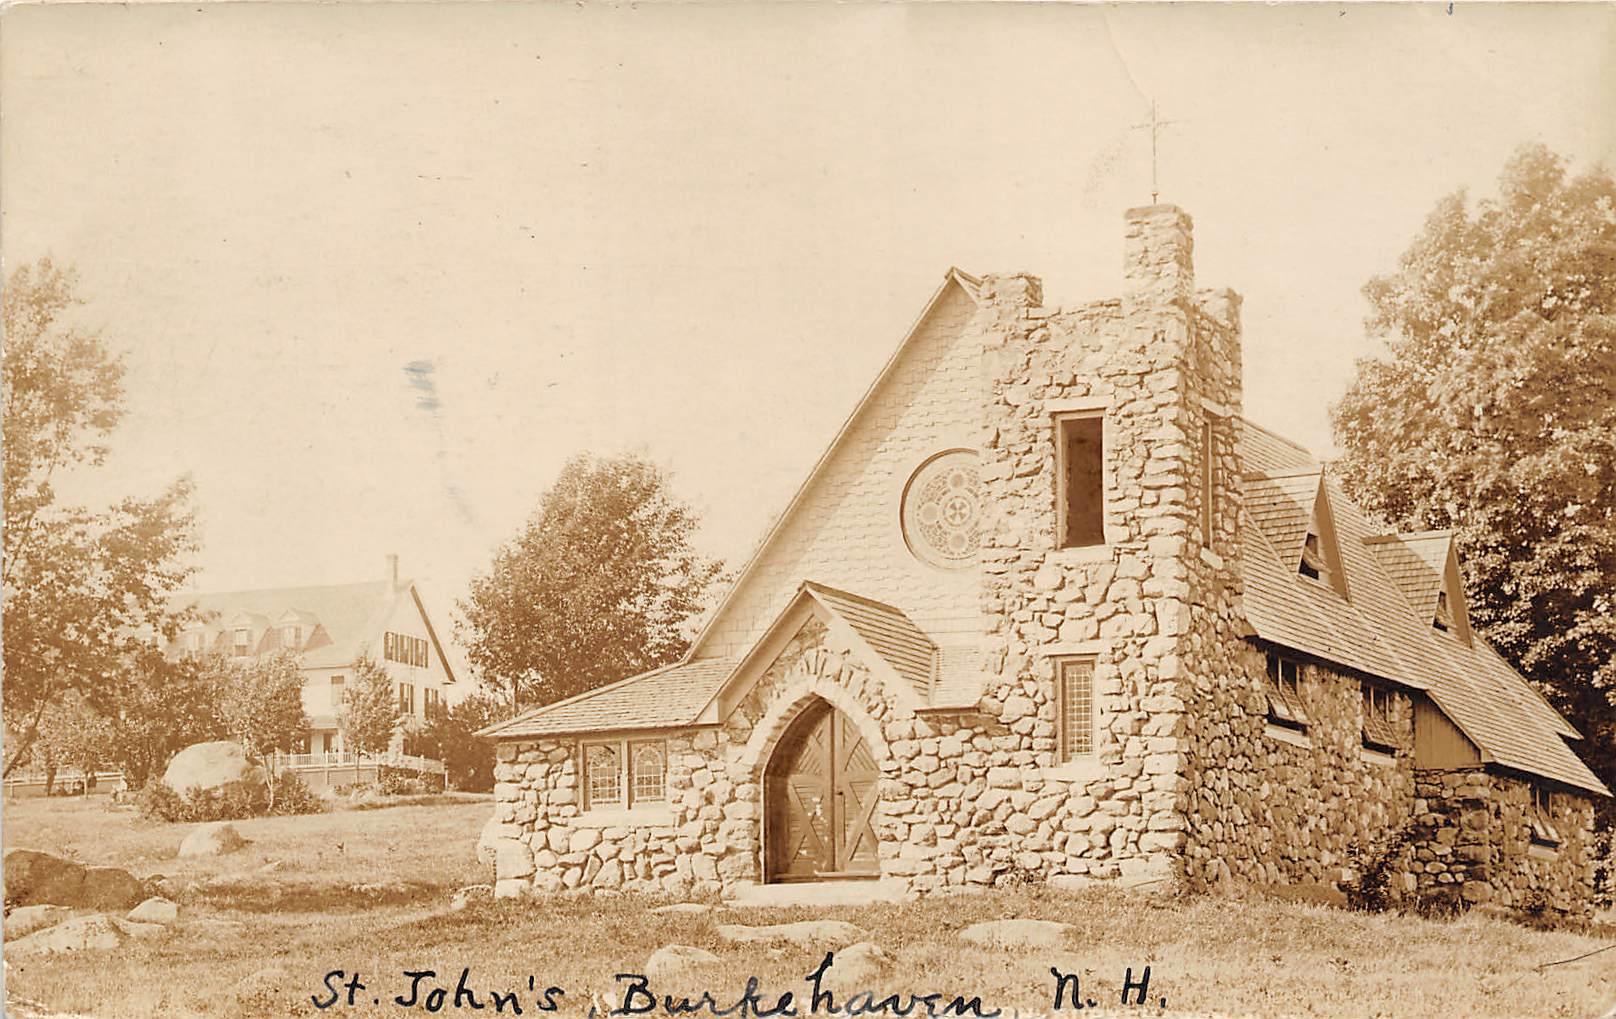 St John's - Burkehaven, New Hampshire NH Postcard